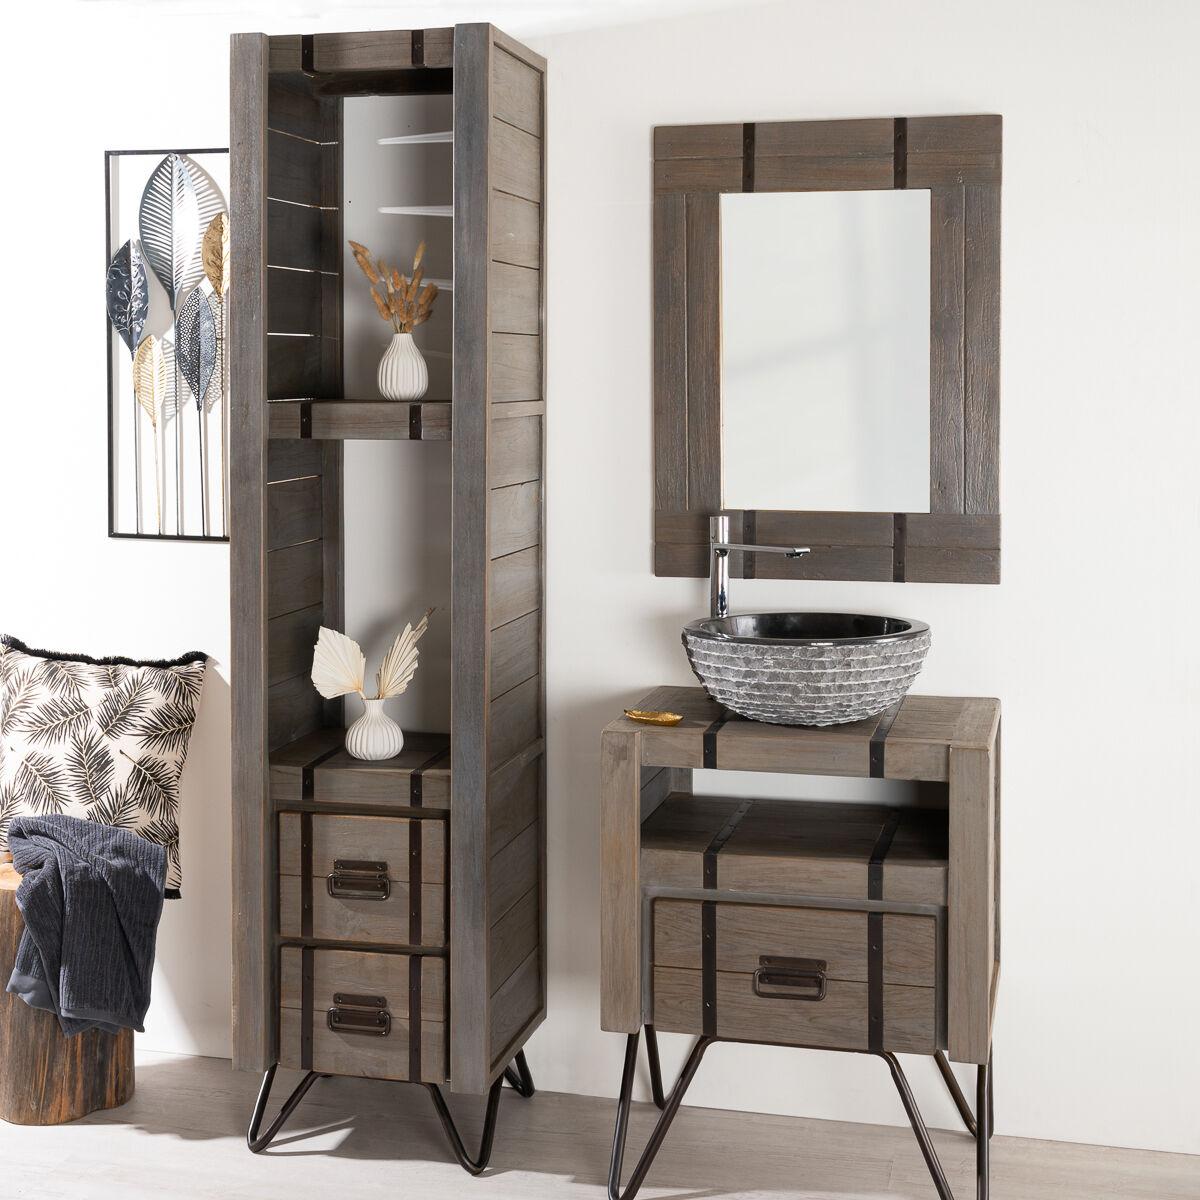 Wanda Collection Colonne de salle de bain LOFT en bois et métal 190 cm gris